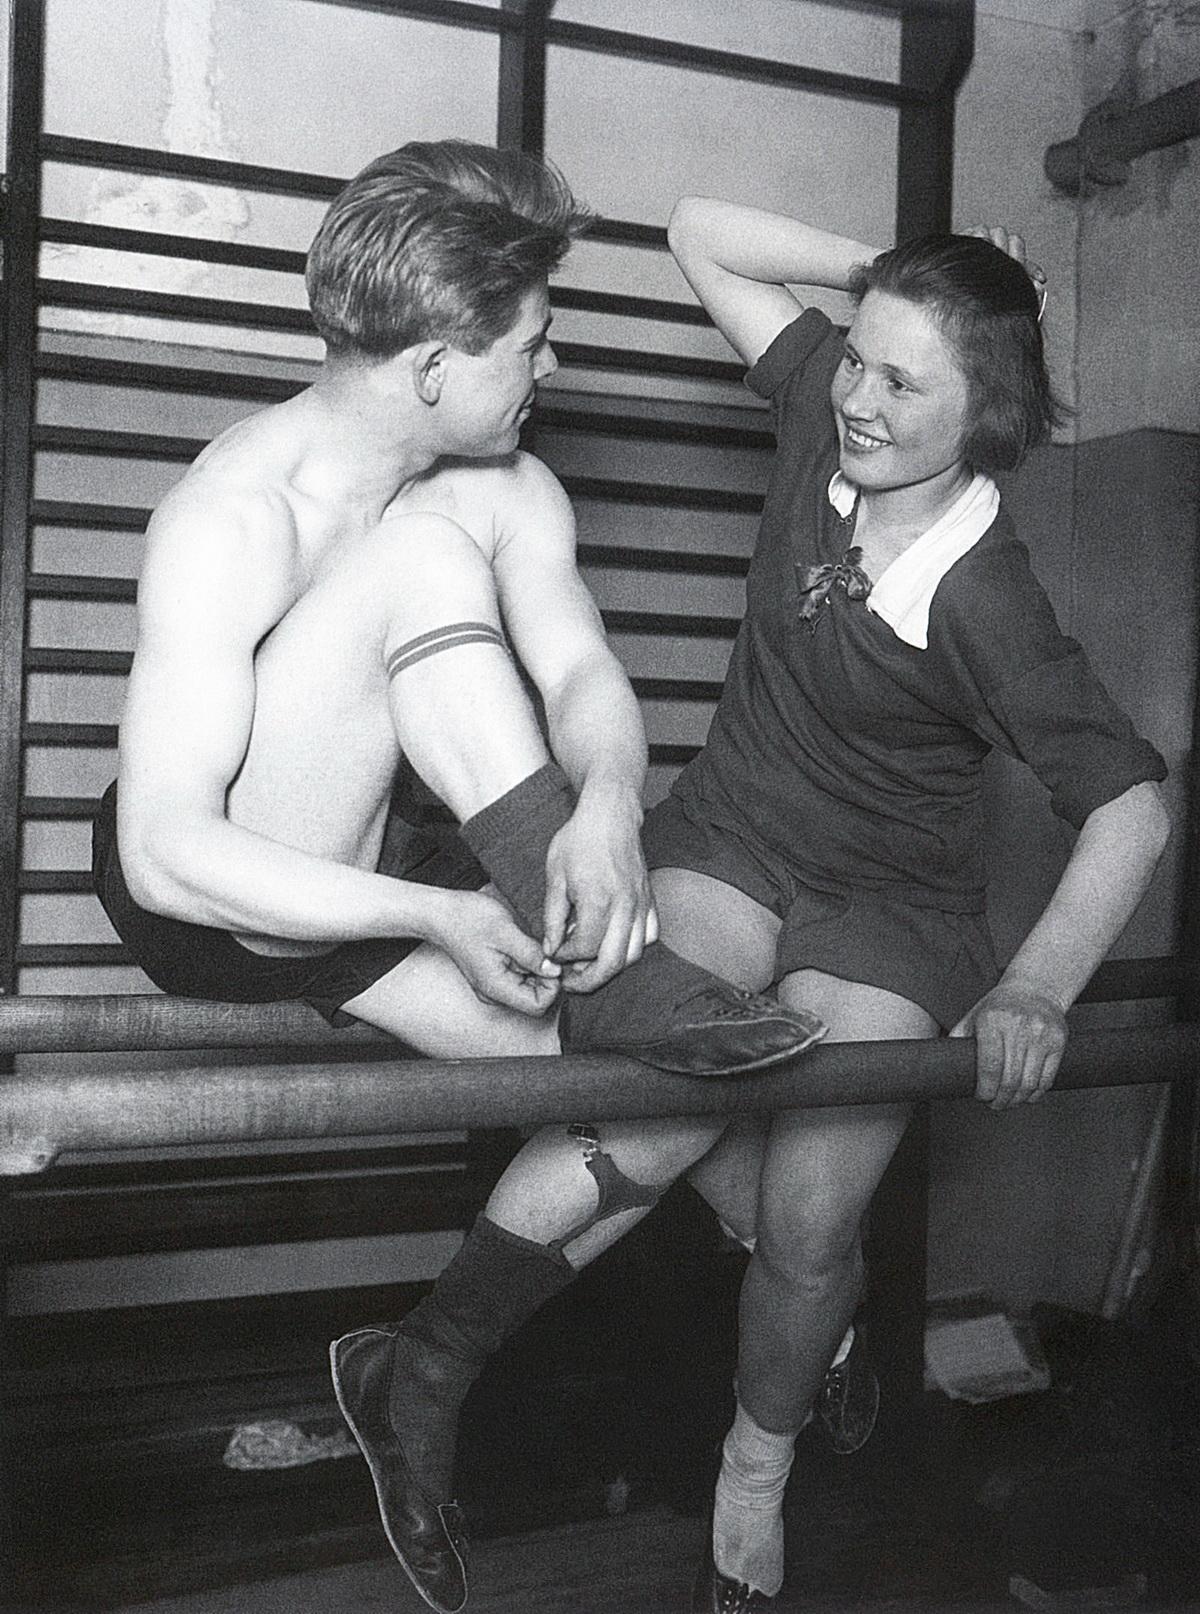 Советская сексуальная раскрепощённость 17 фотография